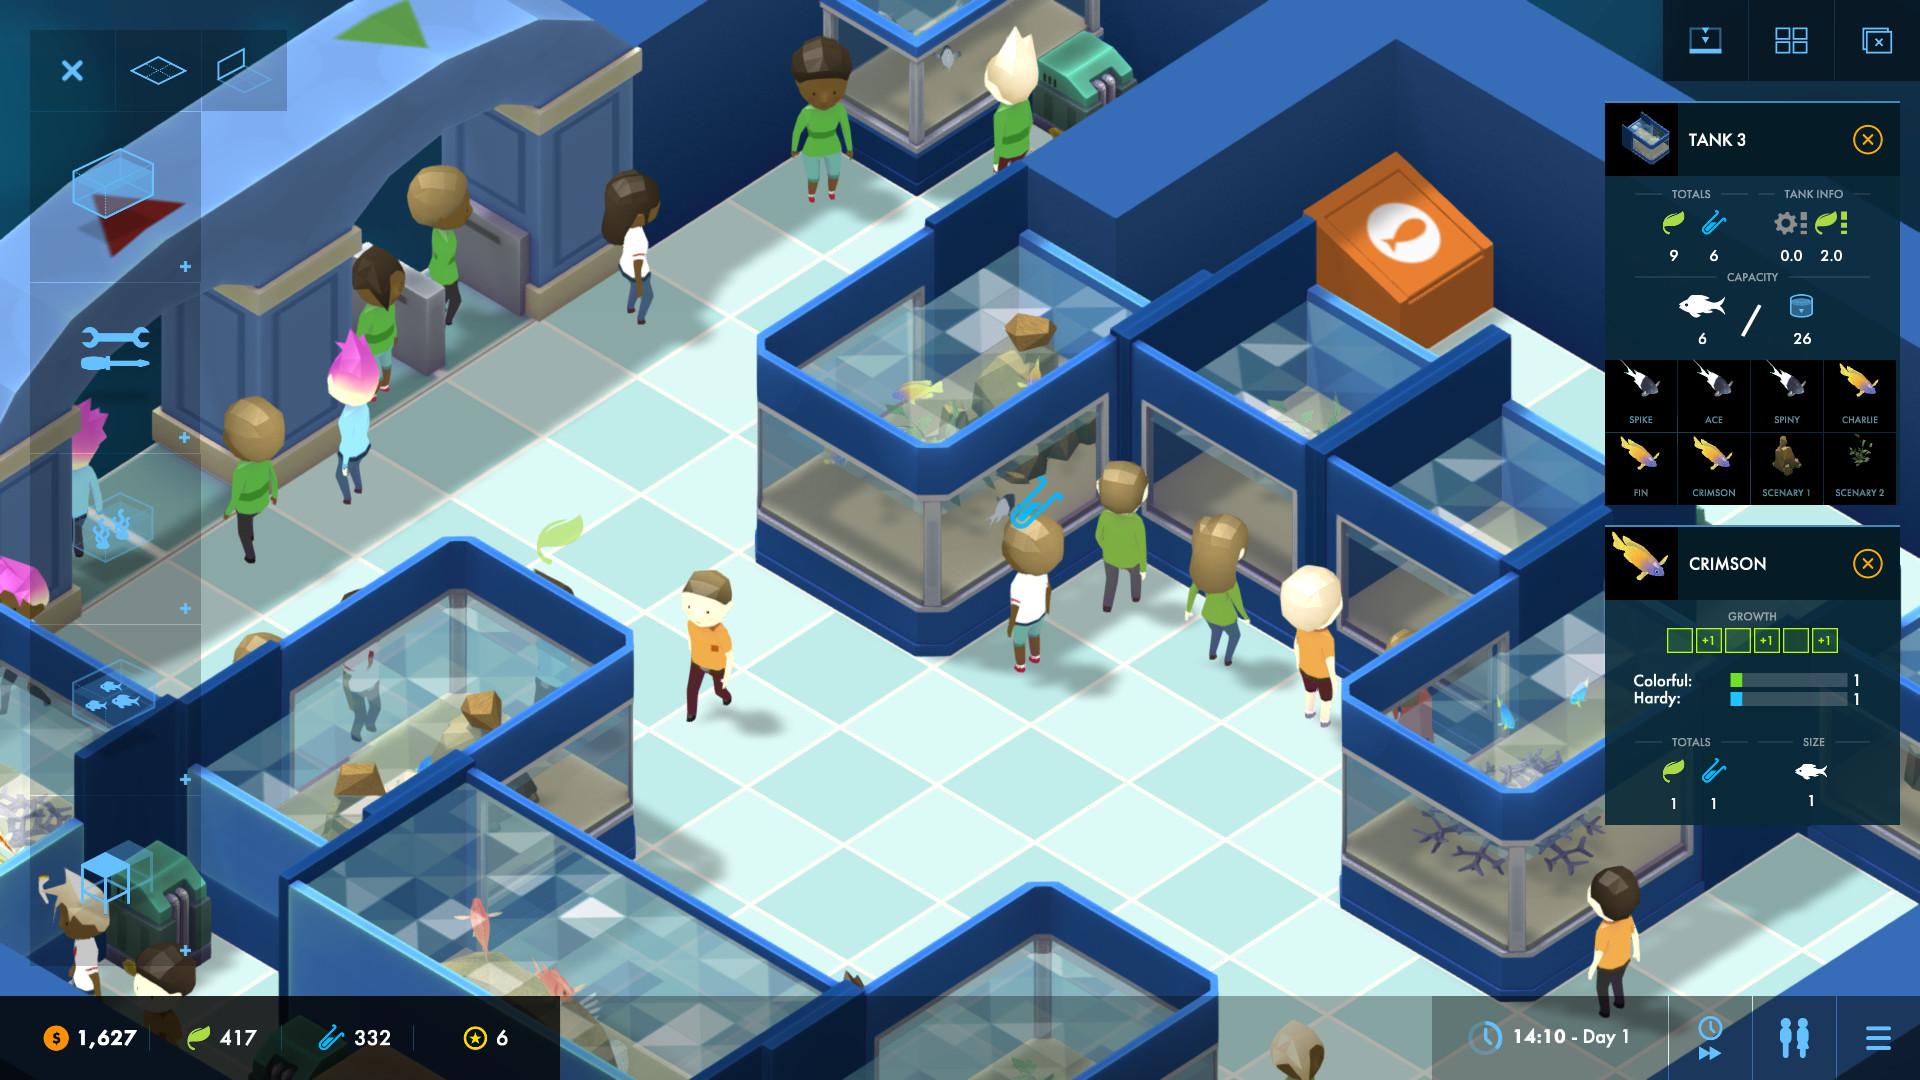 Le style graphique du jeu reprend celui de Big Pharma, avec une 3D stylisée claire et anguleuse.